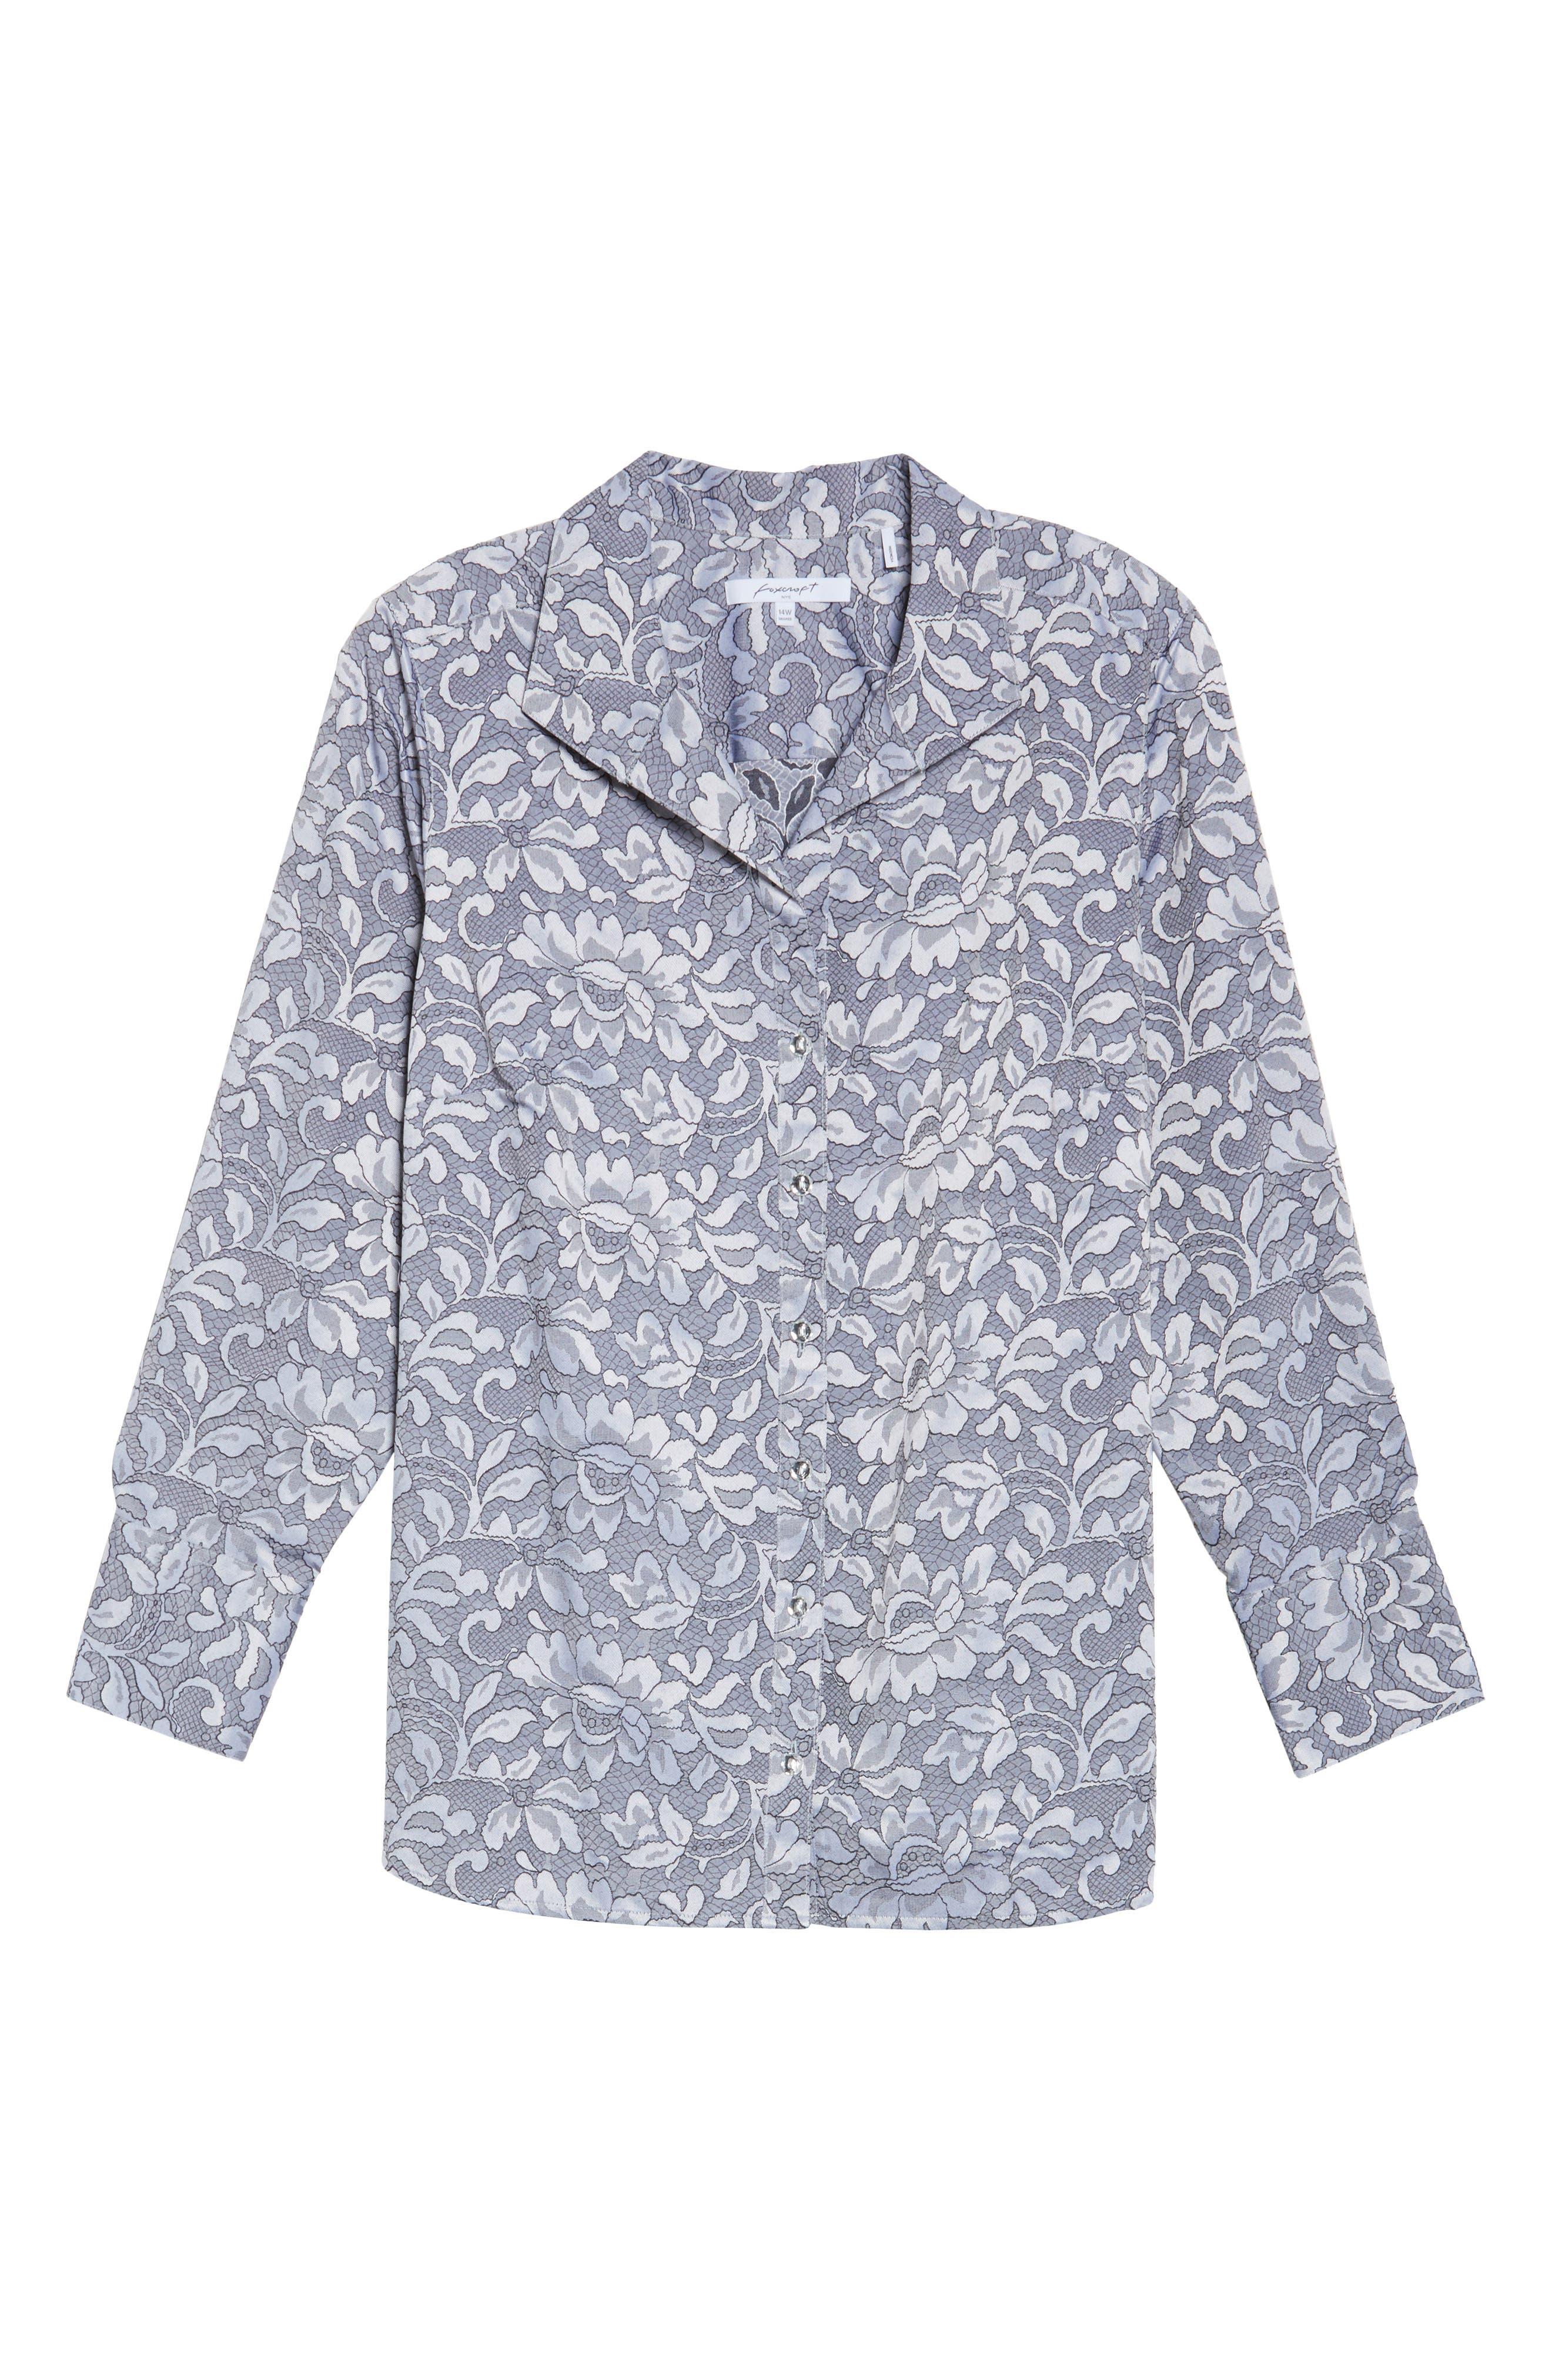 Rhonda Lace Jacquard Shirt,                             Alternate thumbnail 6, color,                             037